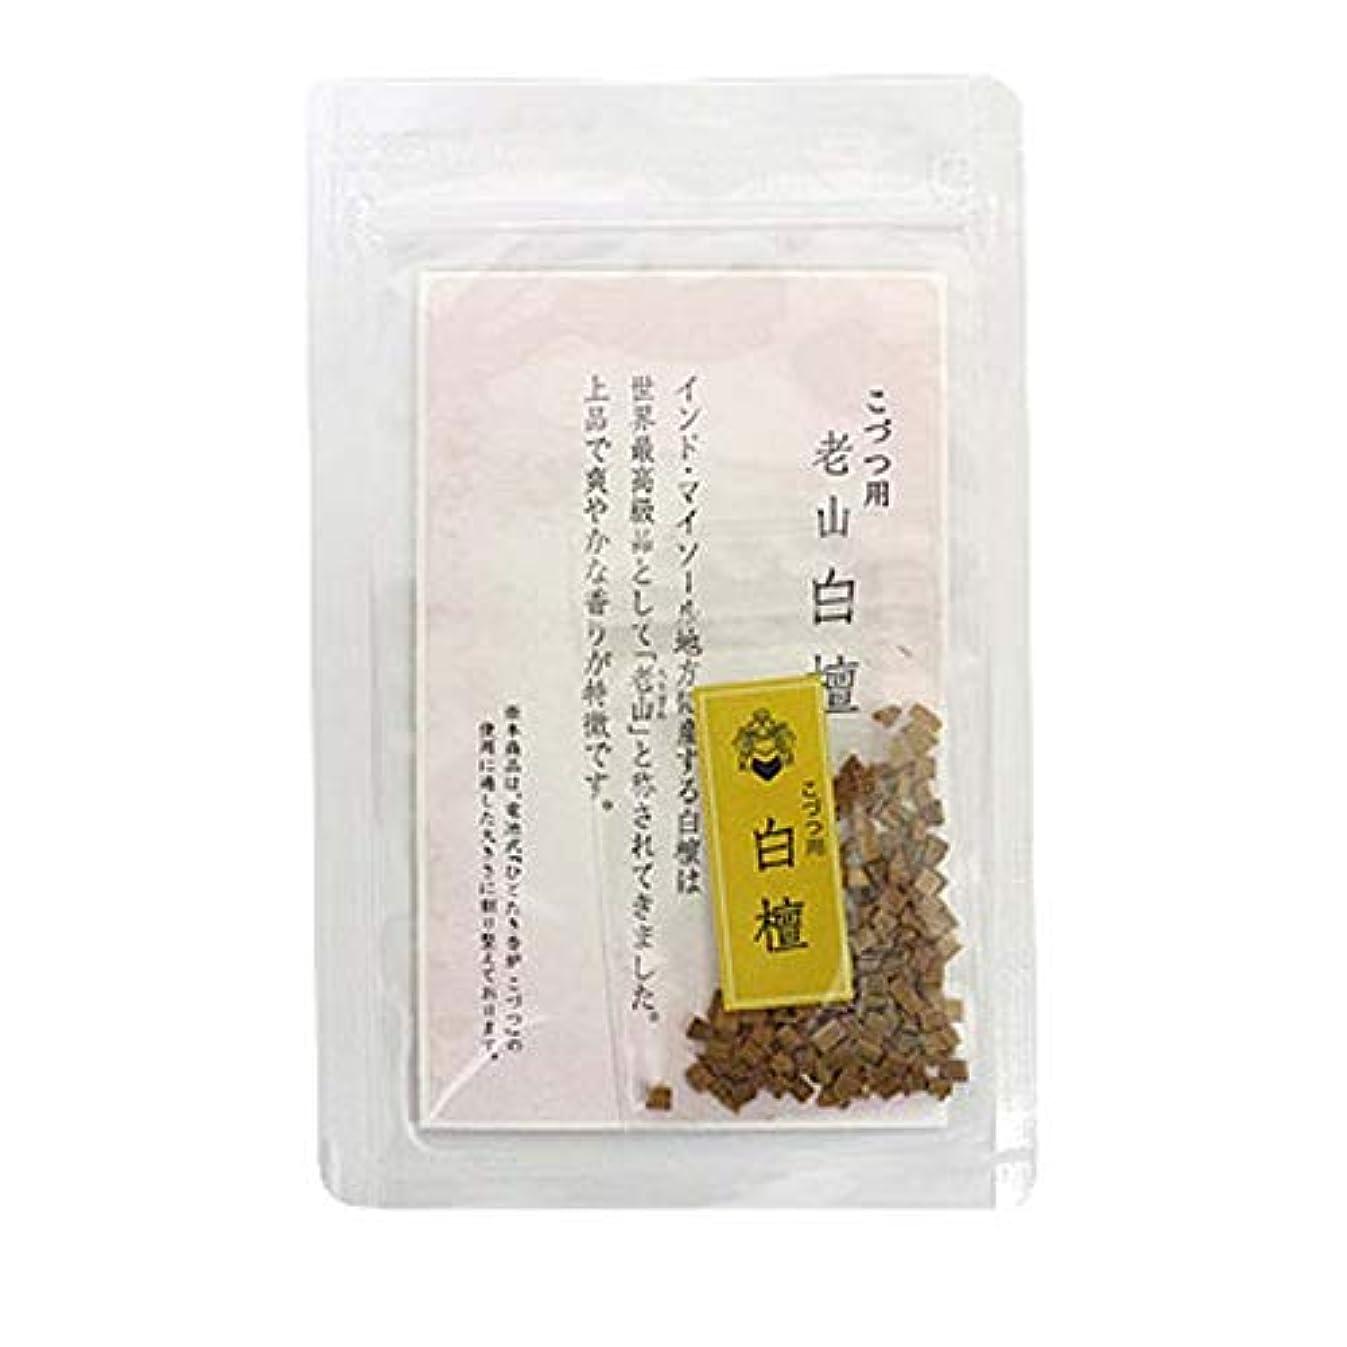 重要な役割を果たす、中心的な手段となる包括的セミナー茶道具 香 お試しこづつ用 香木 白檀(びゃくだん) 1g /ホ/ 茶道 お稽古 抹茶 お香